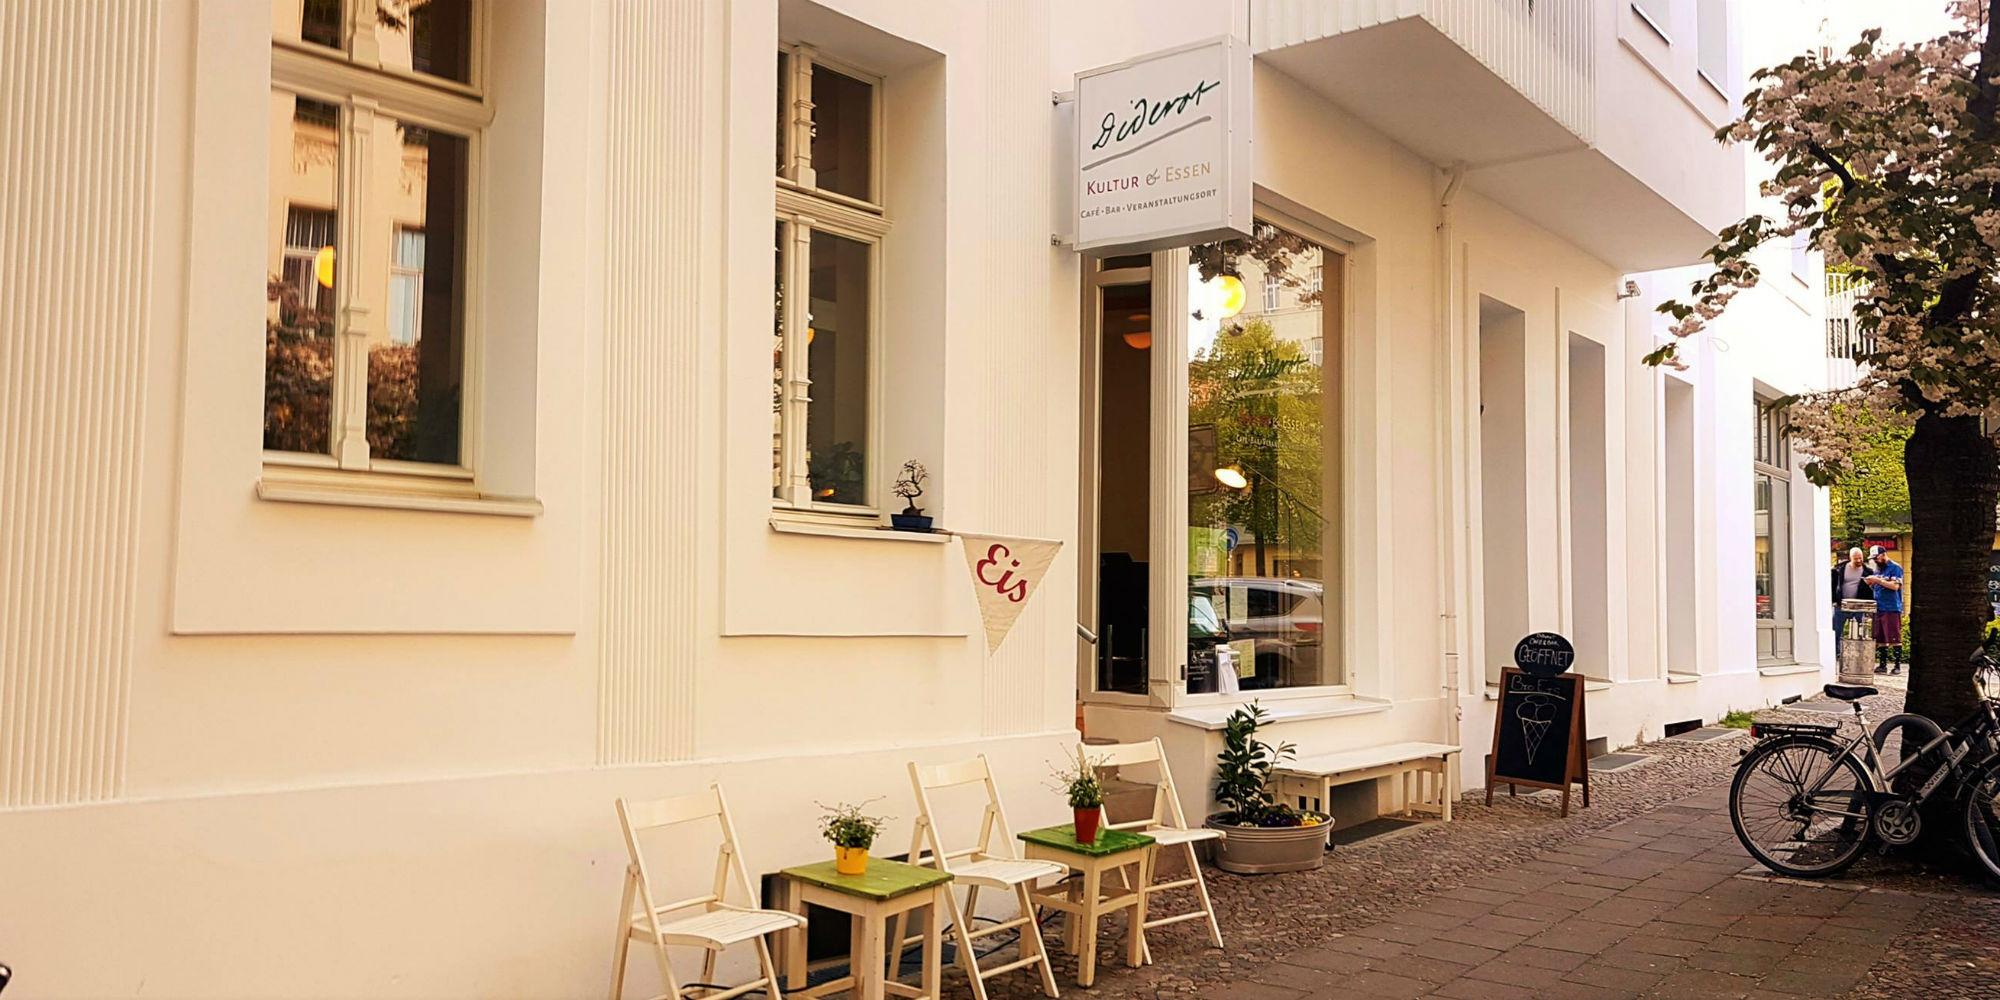 Brunch Diderot Kultur & Essen (10405 Berlin)